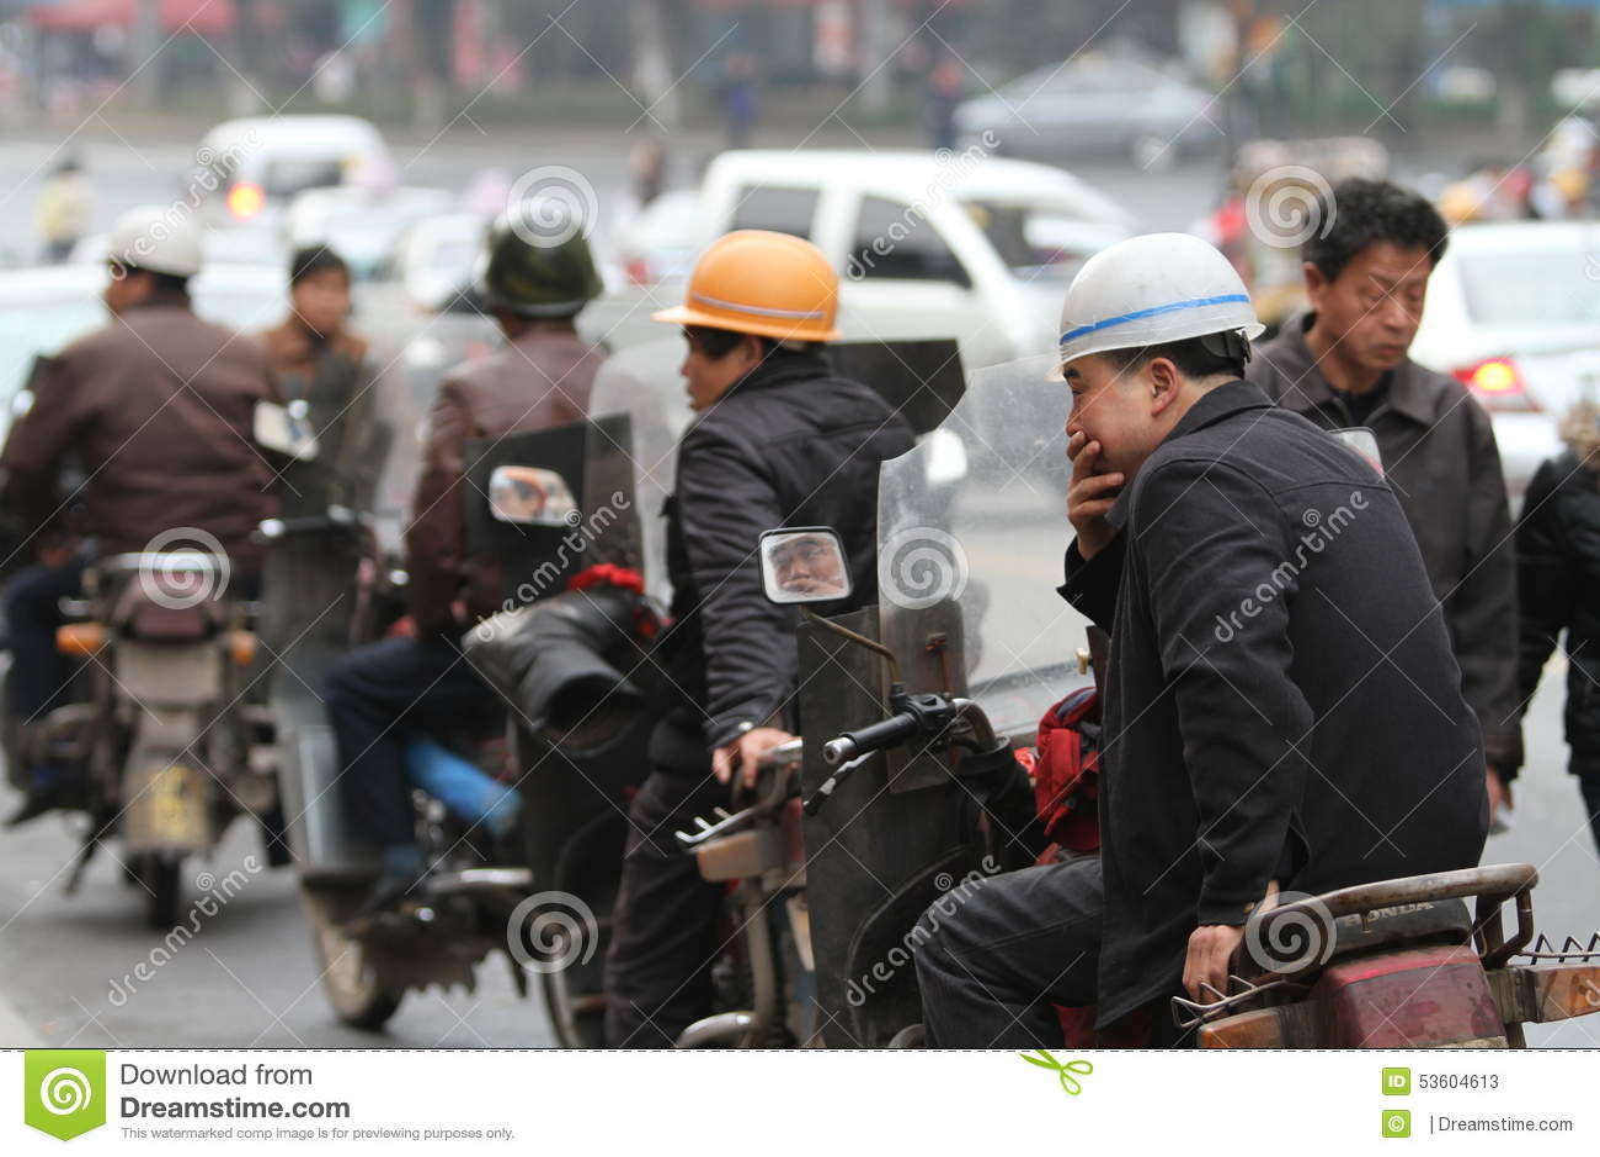 摩托车/摩托车出租汽车